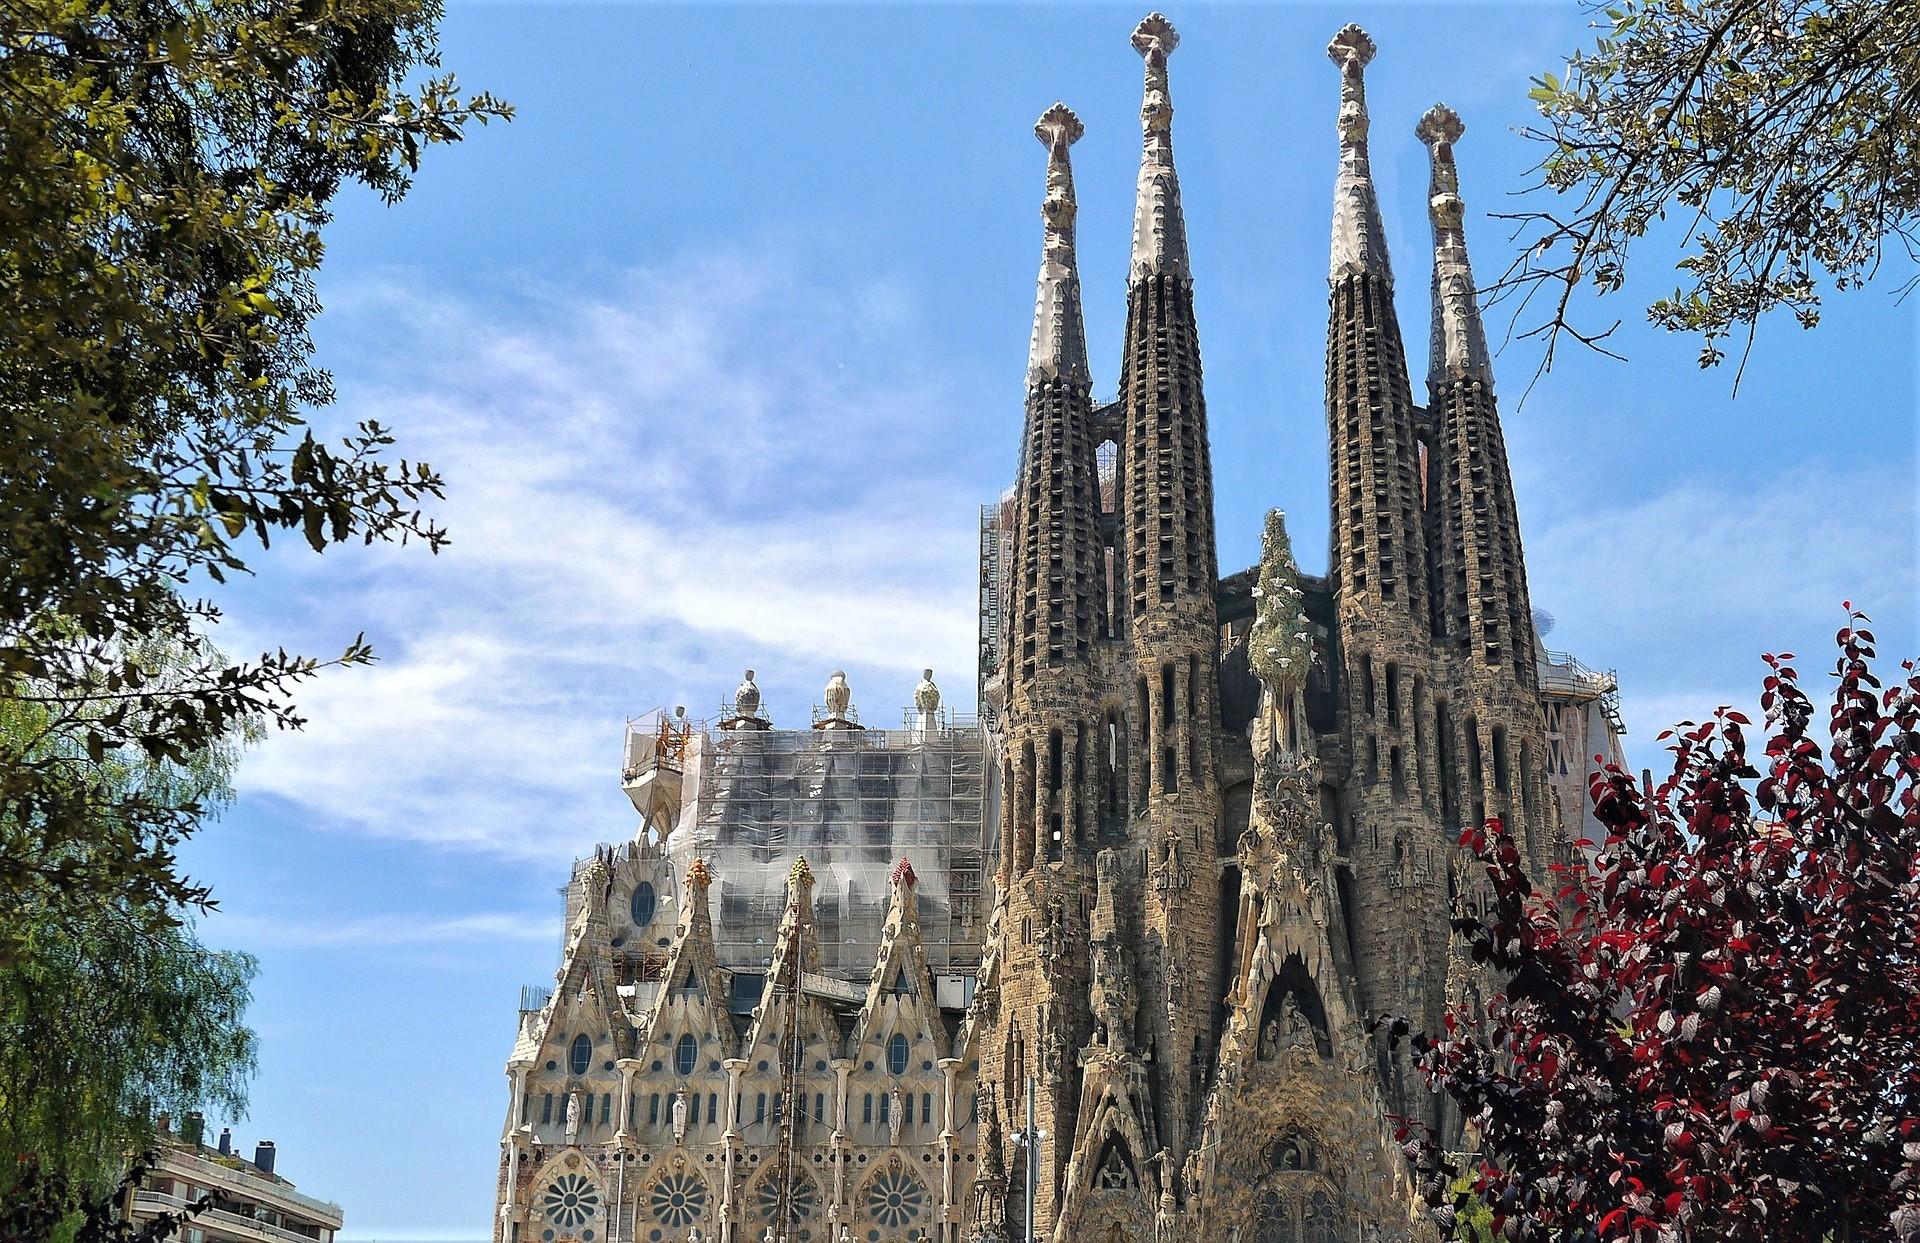 スペイン観光で行きたい絶景スポット30選!建物や風景などの名所をご紹介!